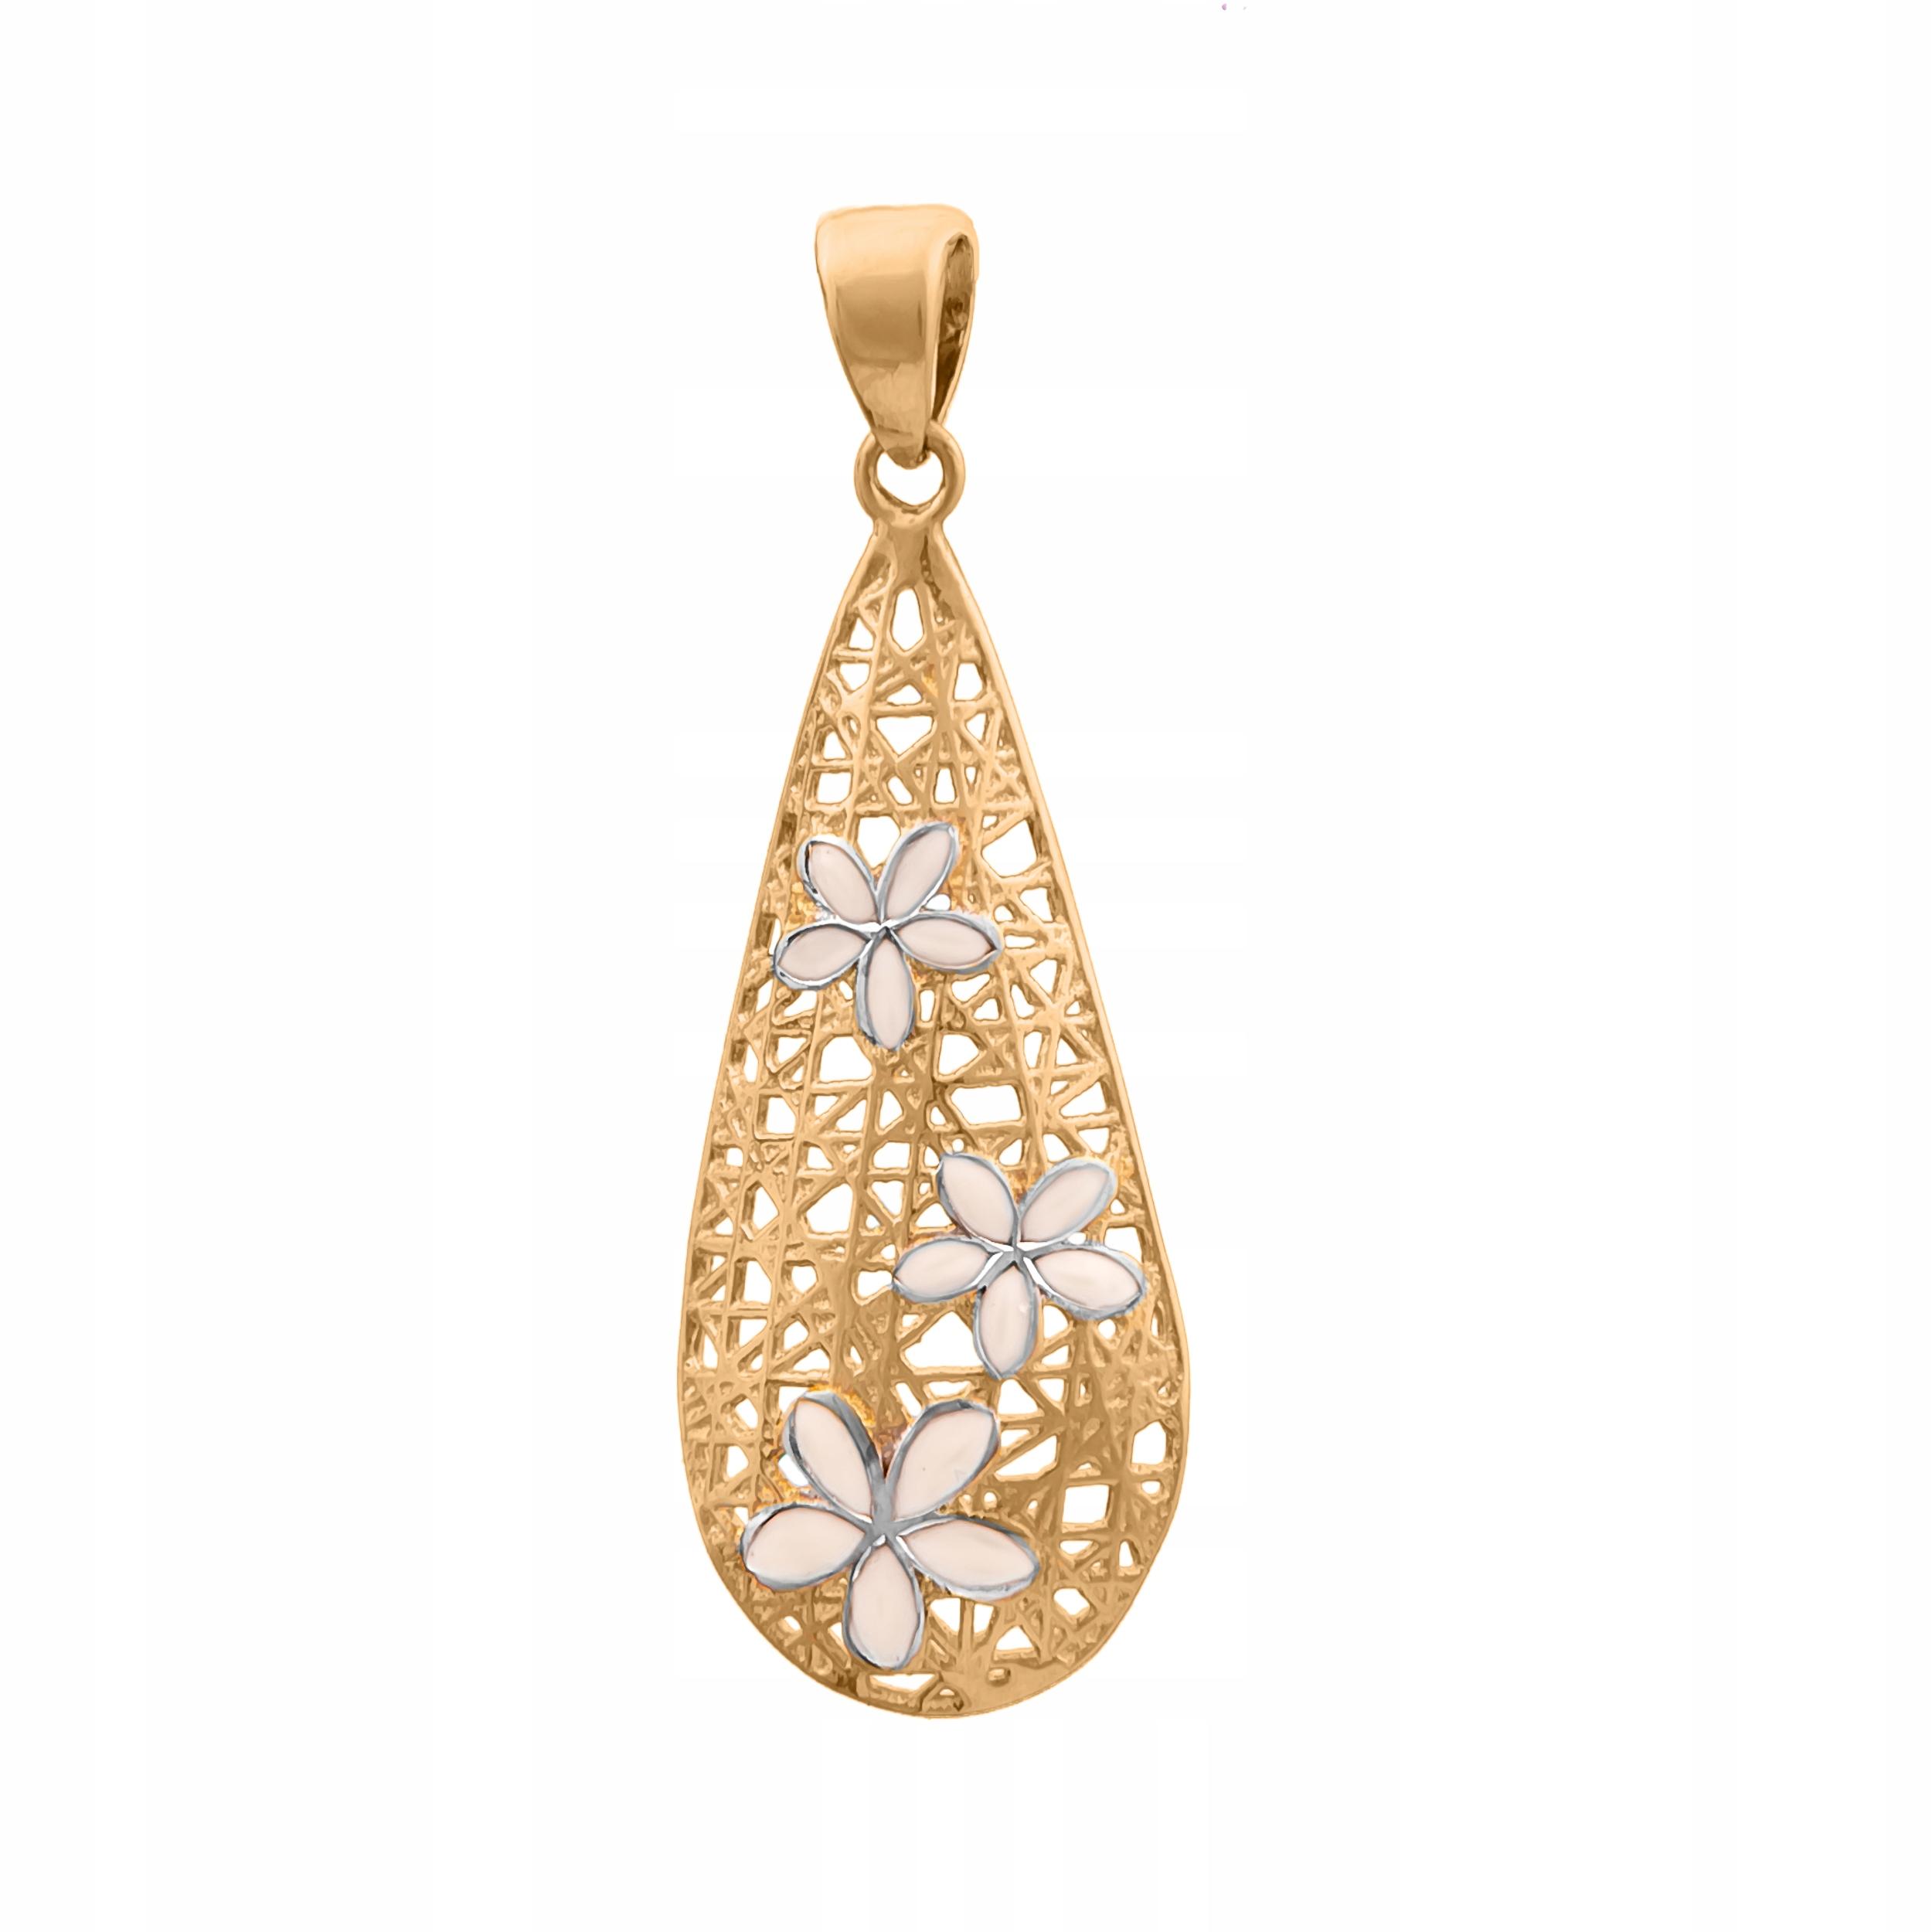 Zlatý Prívesok pr585 Kvety Biele Zlato RYTCA